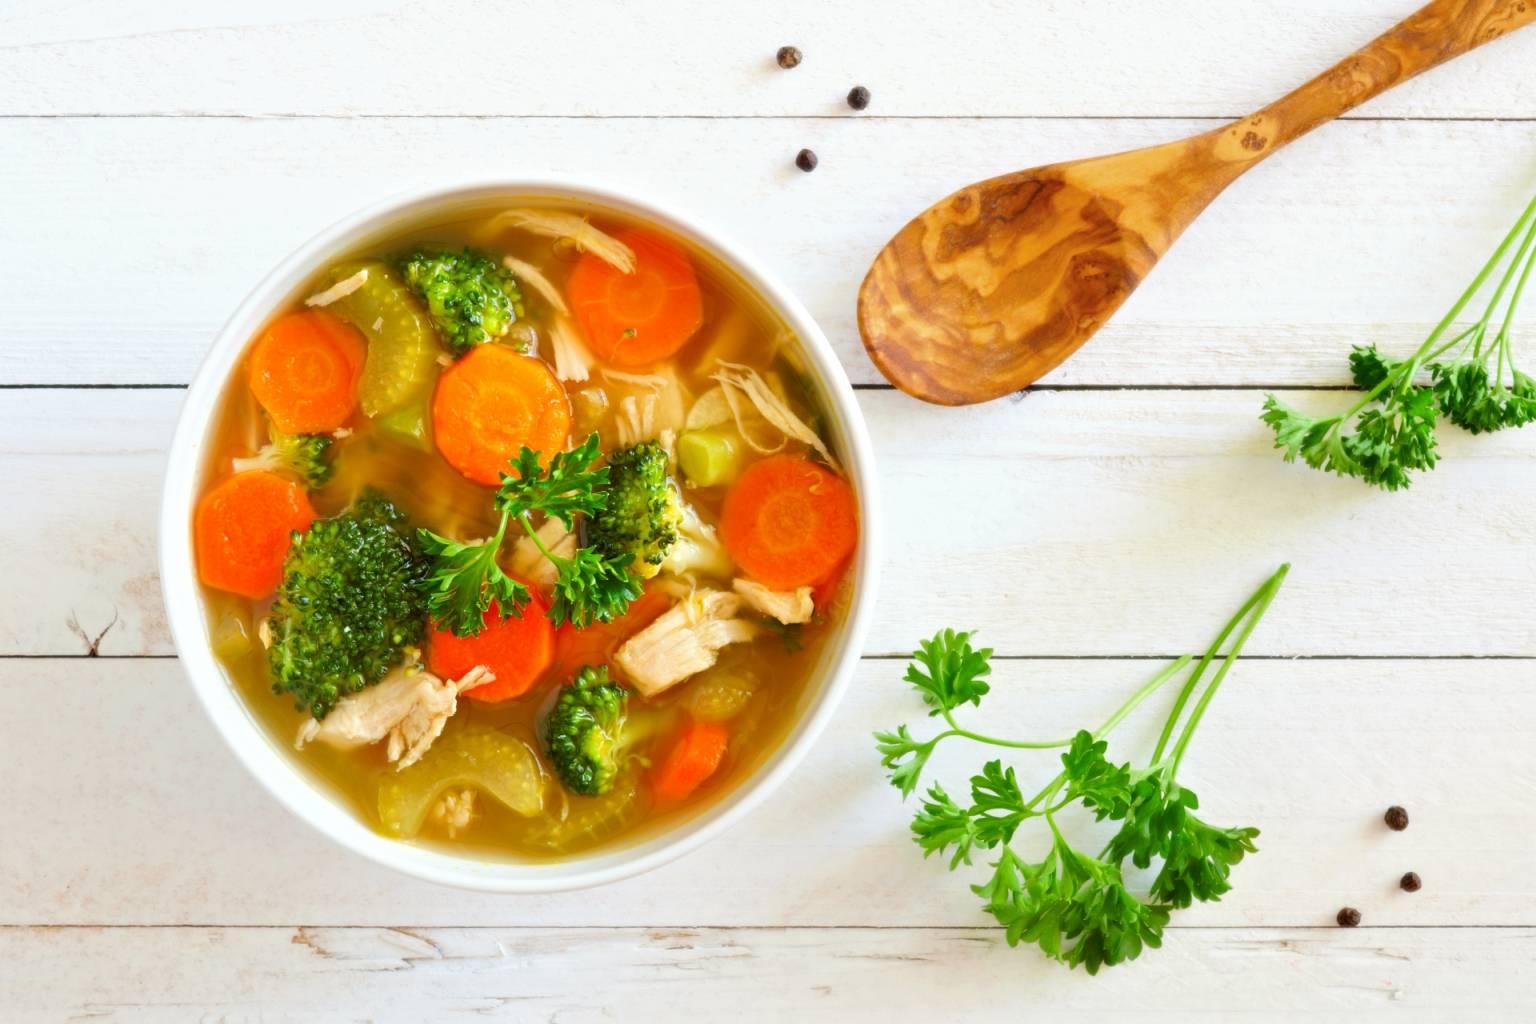 Przepis na zupę jarzynową - dieta lekkostrawna.